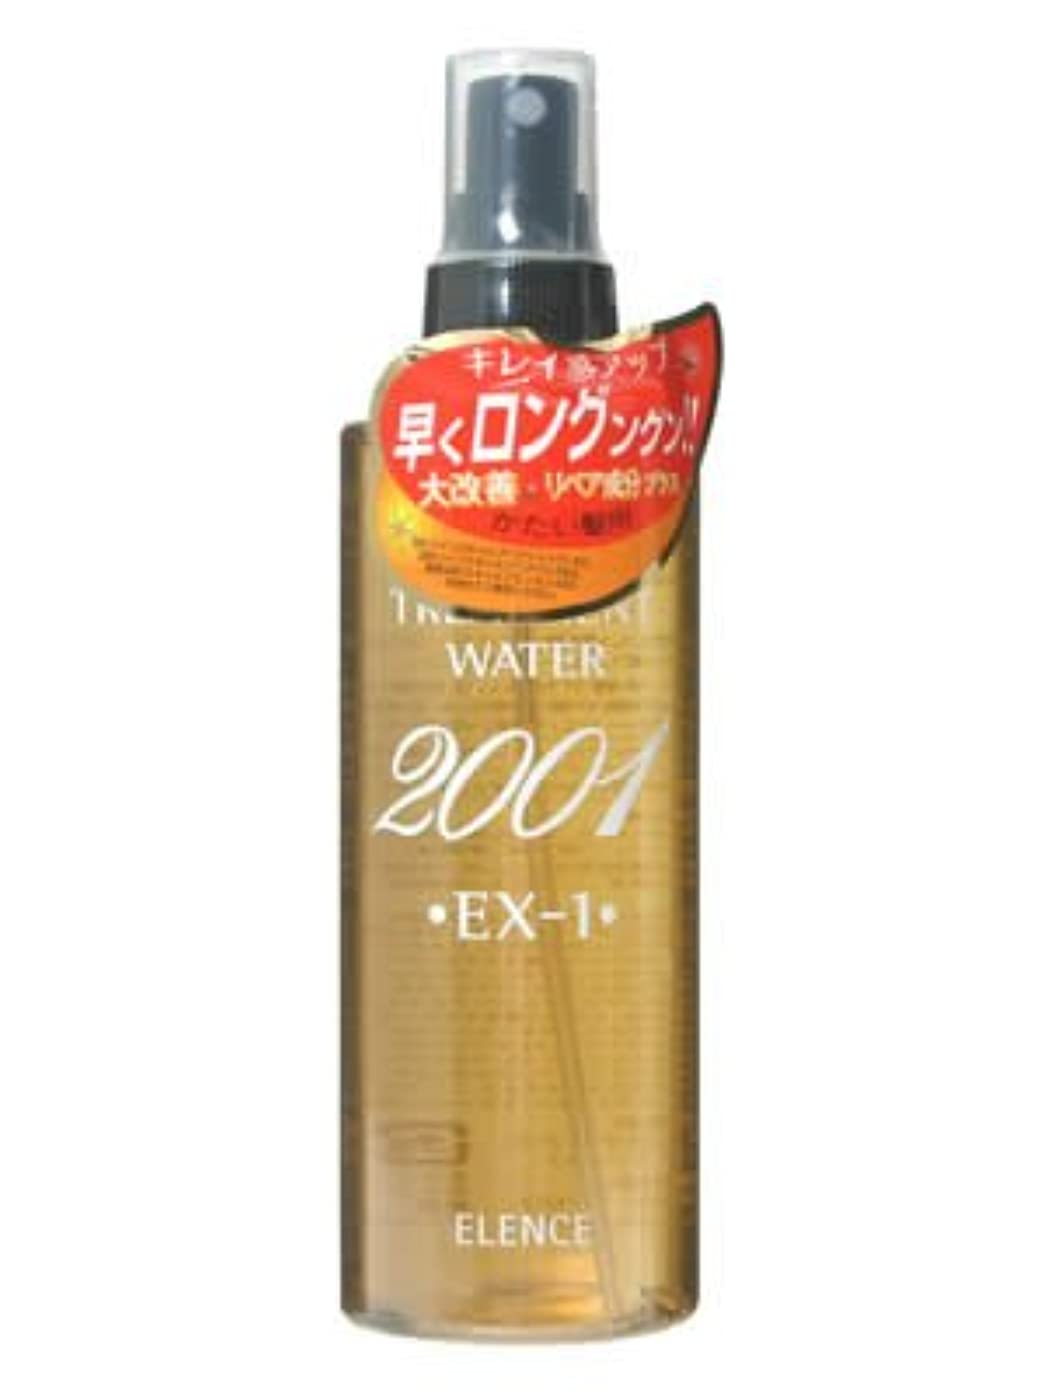 流行ピンチ煩わしいエレンス2001 スキャルプトリートメントウォーターEX-1(かたい髪用)